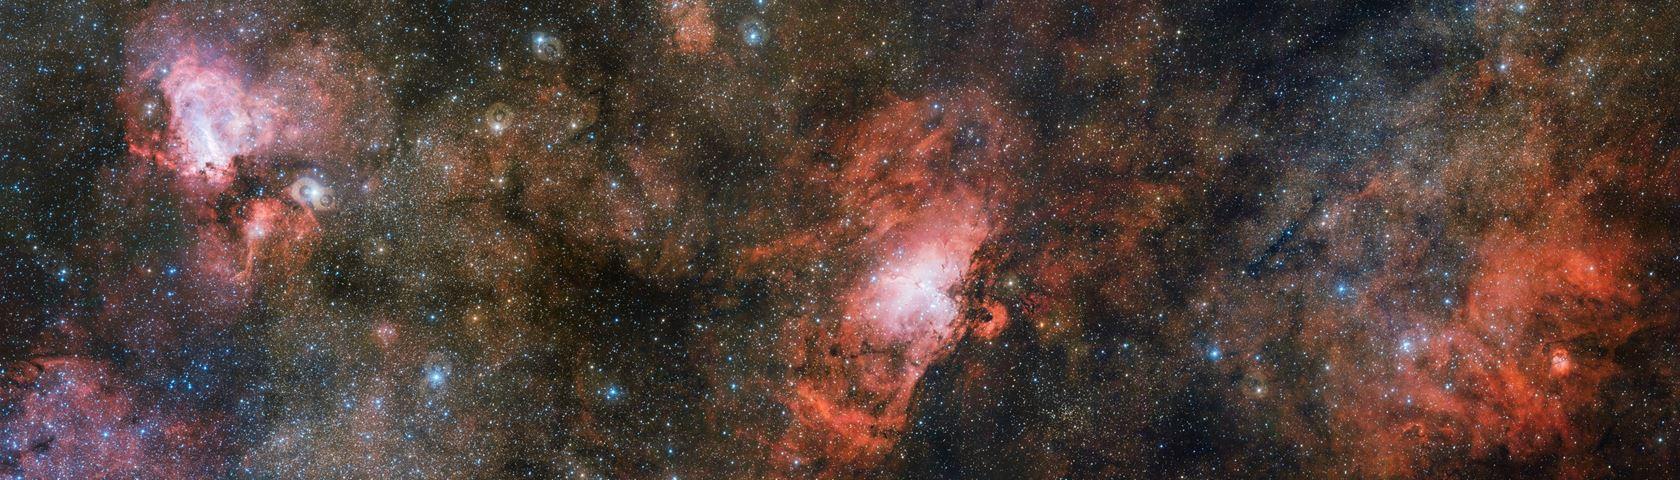 Omega & Eagle Nebula